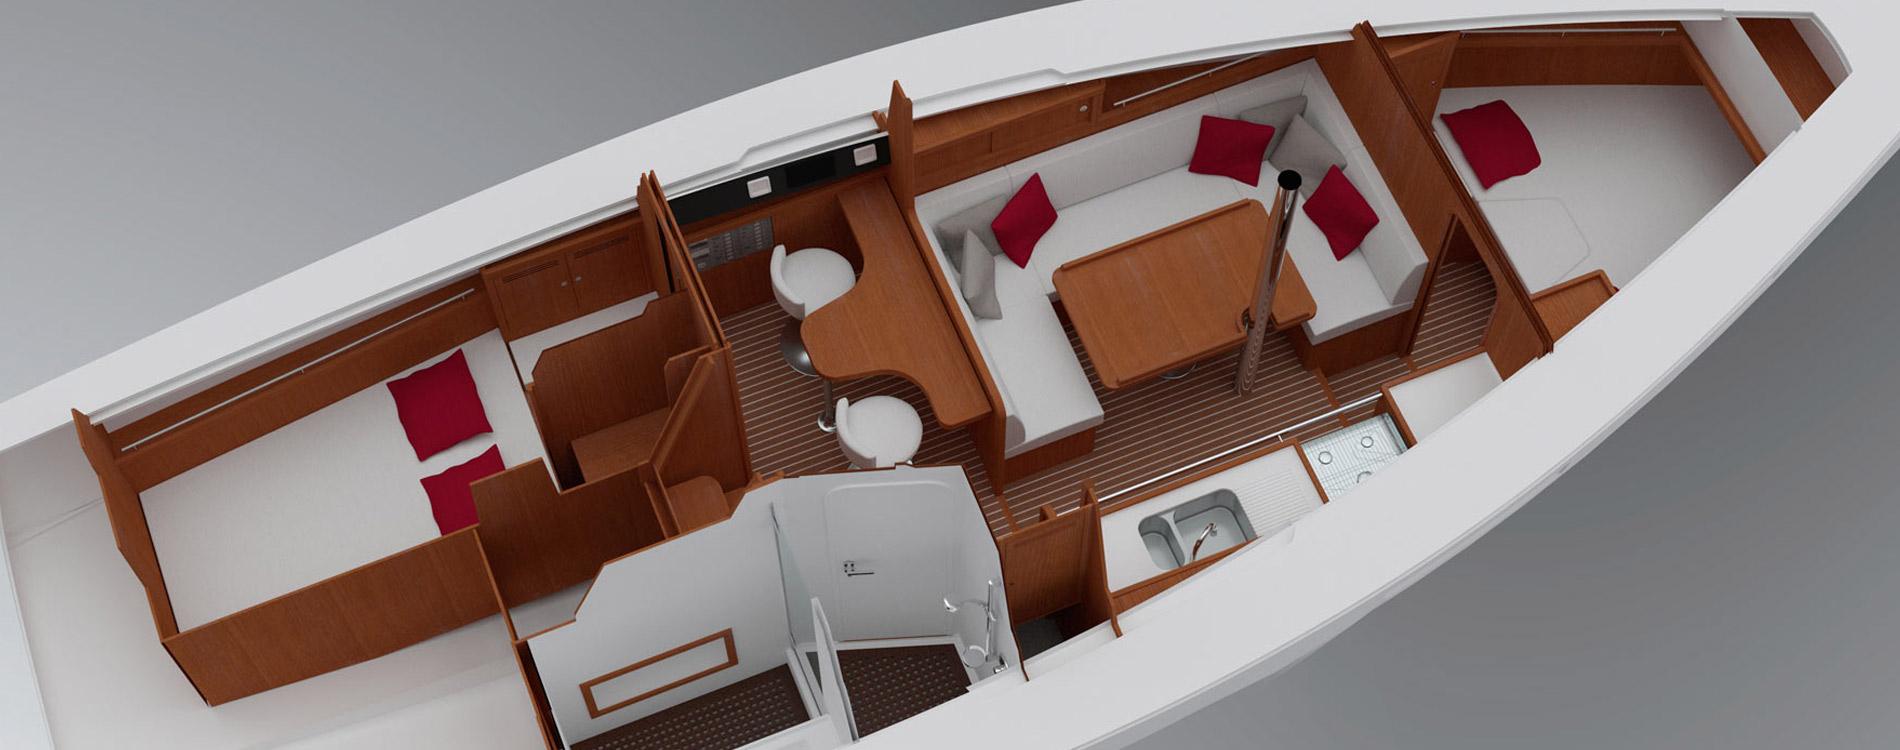 Wrighton36-Voilier-de-série-Vincent-Lebailly-Architecture-navale-Biquille-pont